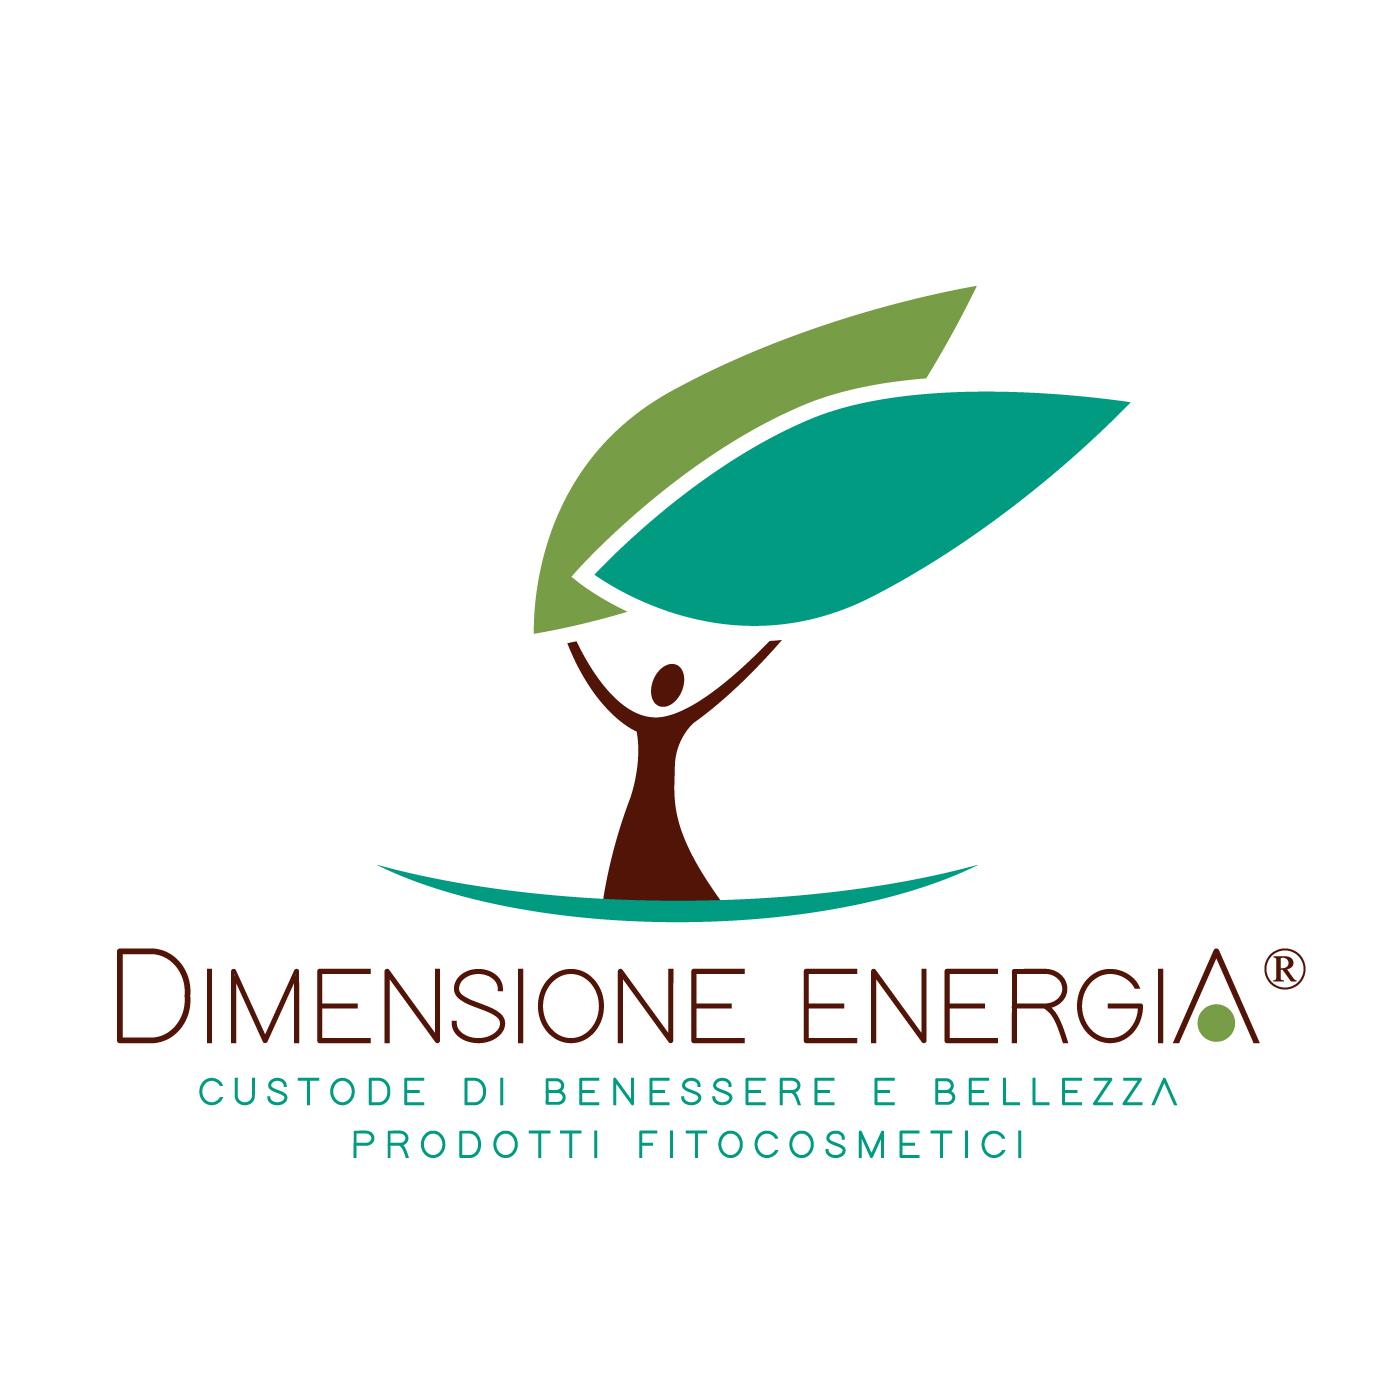 Logo Dimensione Energia Instagram